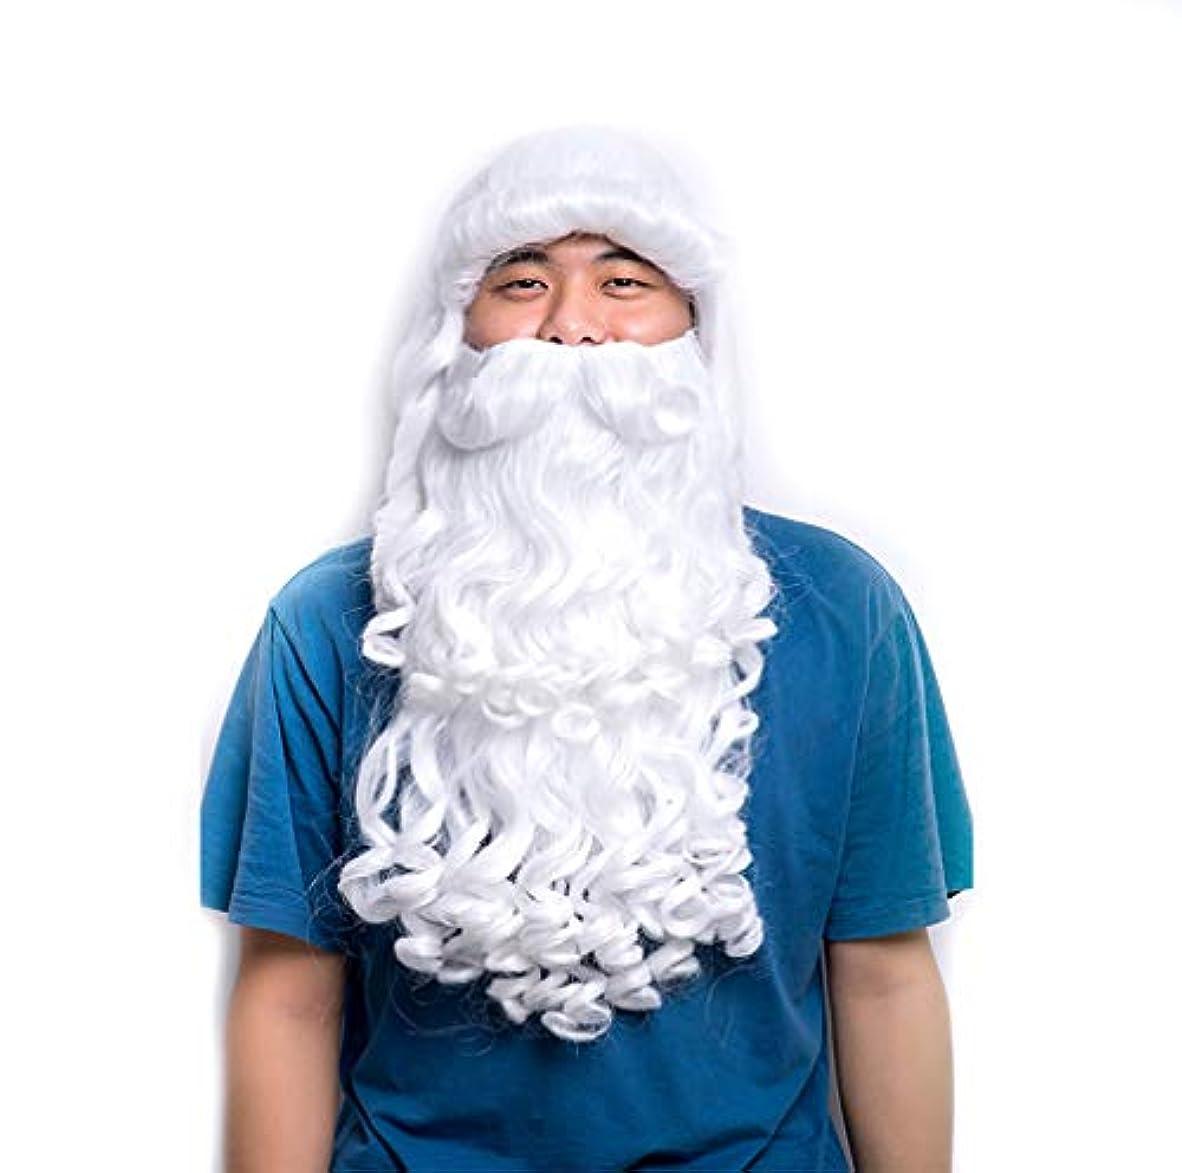 対応クマノミ意外男性ウィッグ女性ウィッグクリスマスウィッグロング合成オンブルカーリー波状クリスマスハロウィンアニメコスプレパーティーコスチュームウィッグ